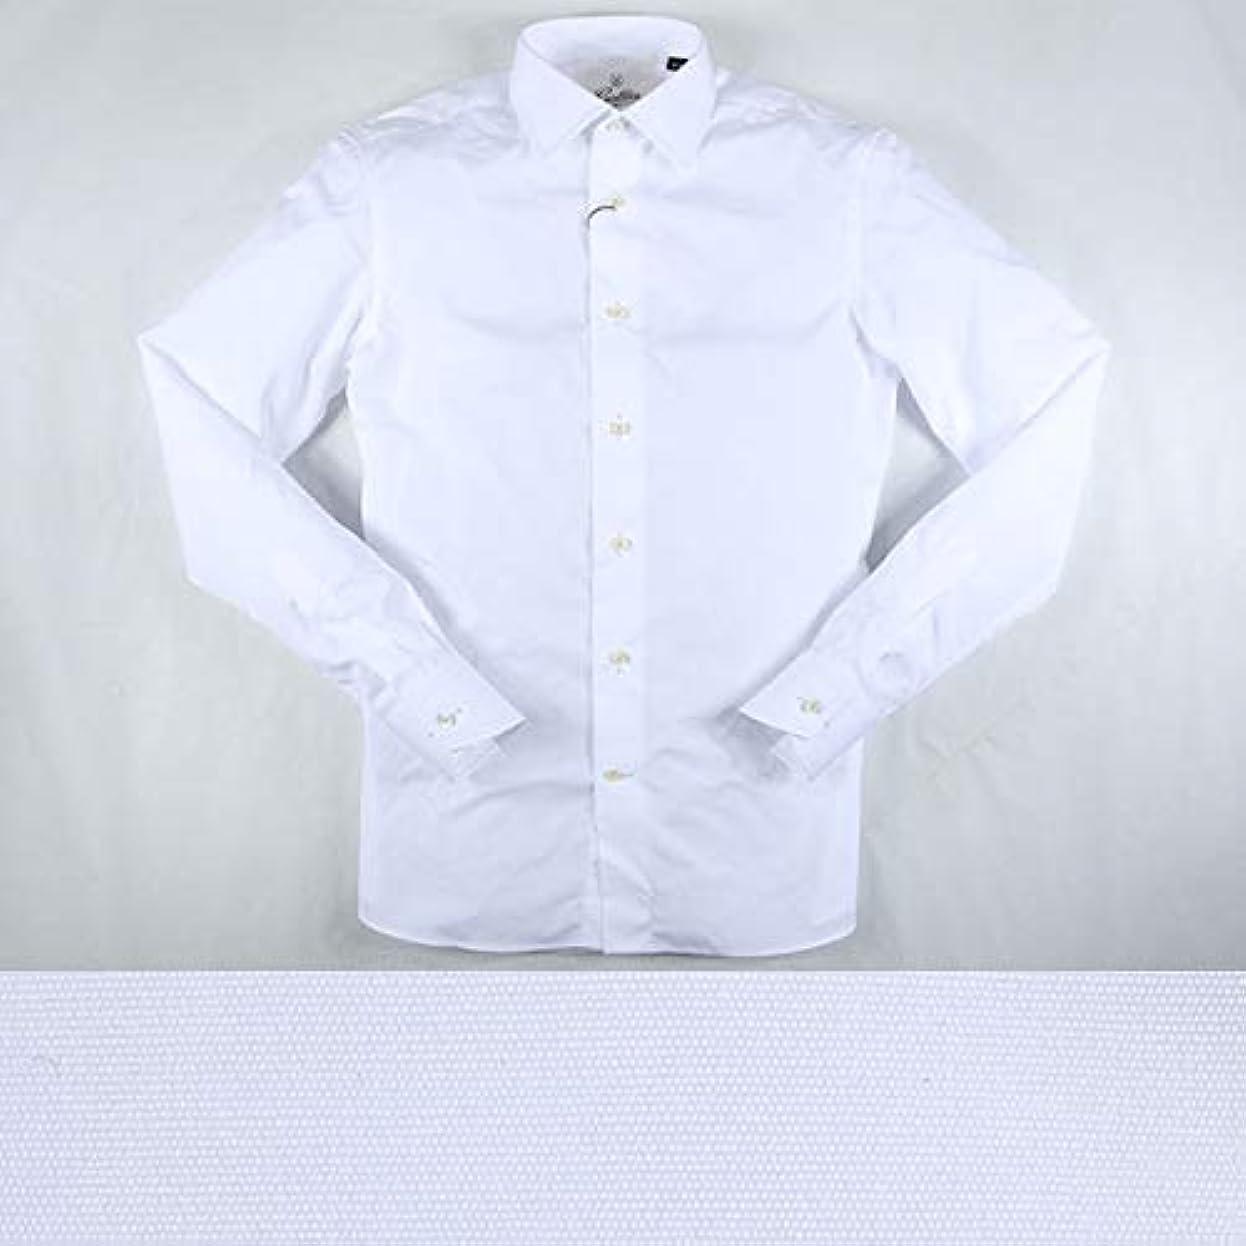 時短くするすぐにGallia 長袖シャツ GA0082 white 43 11953【A11958】 ガリア [並行輸入品]